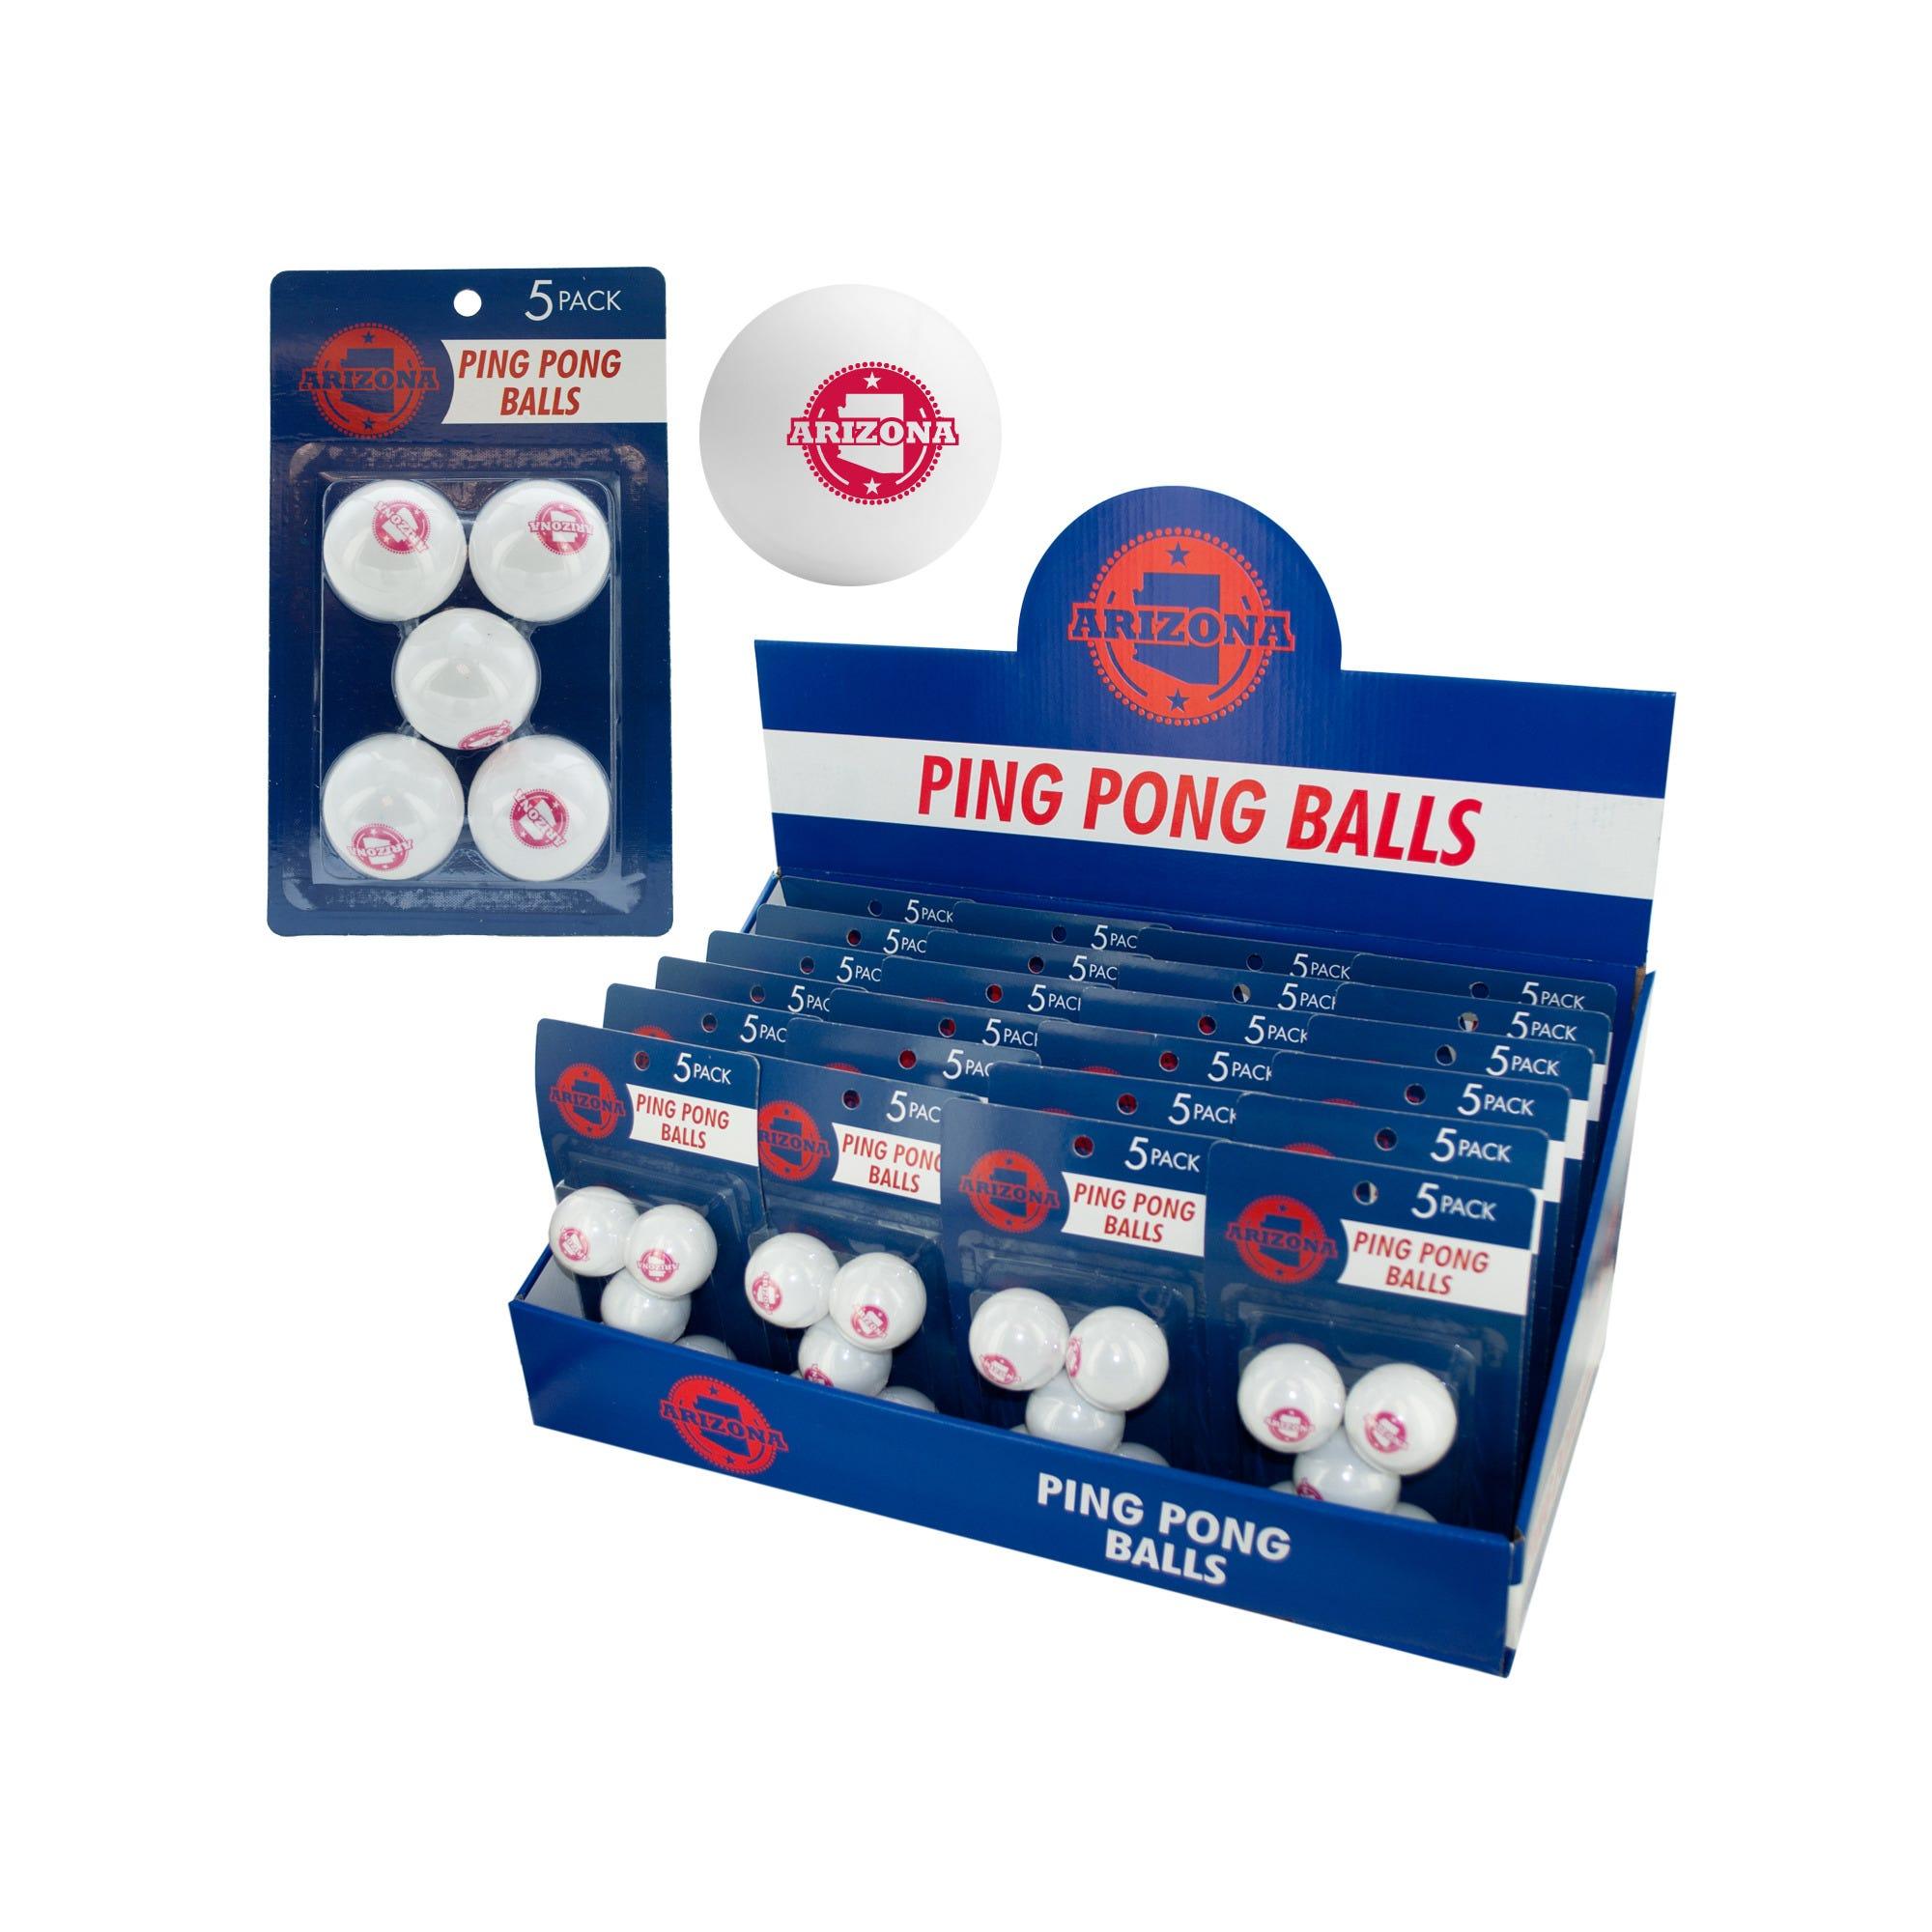 Arizona PING PONG Balls Countertop Display- Qty 24